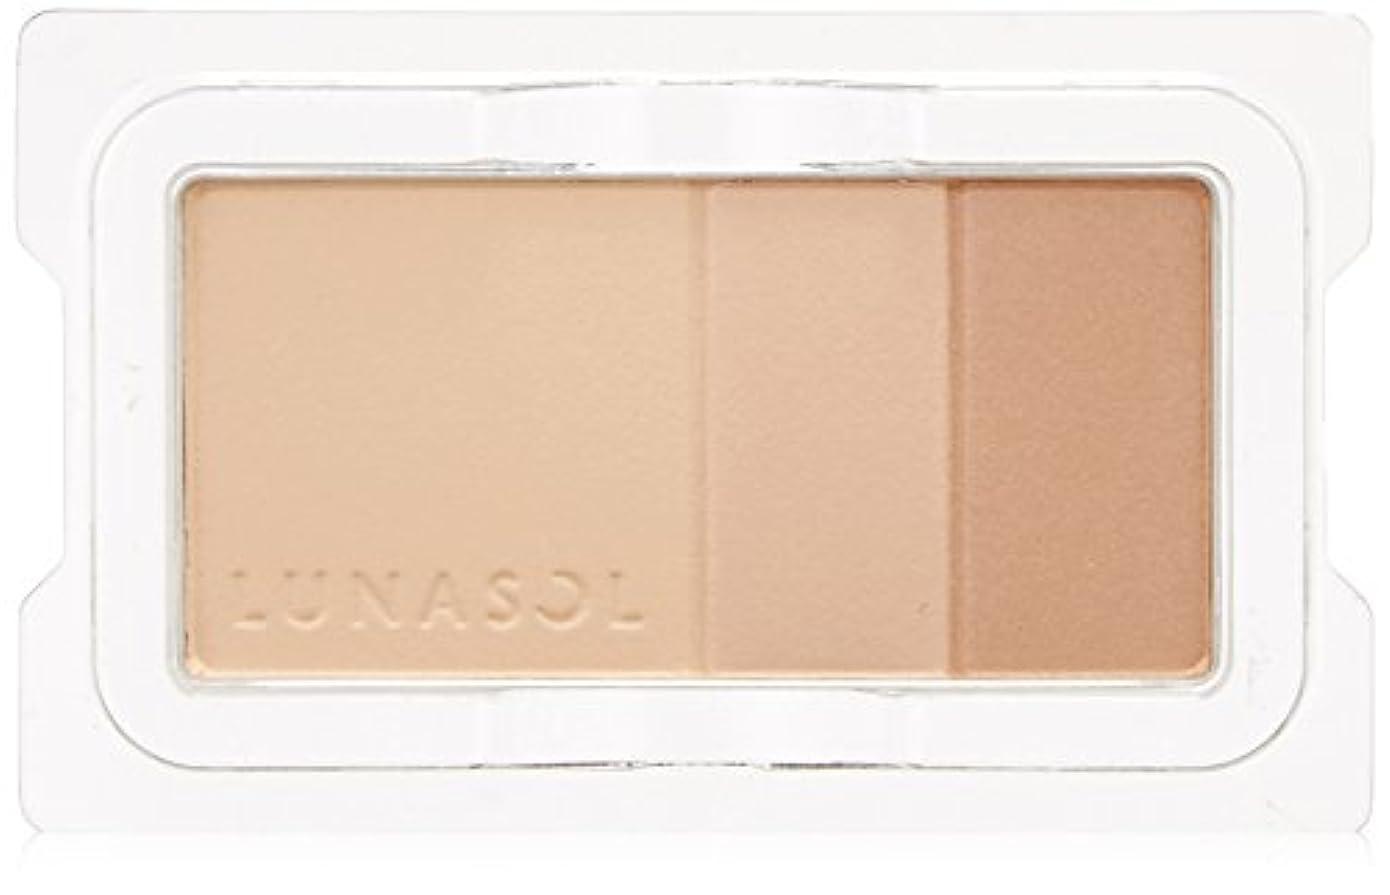 ベストスラダムディレクトリルナソル(LUNASOL) ルナソル シェイディングチークスN 01 チーク 単品